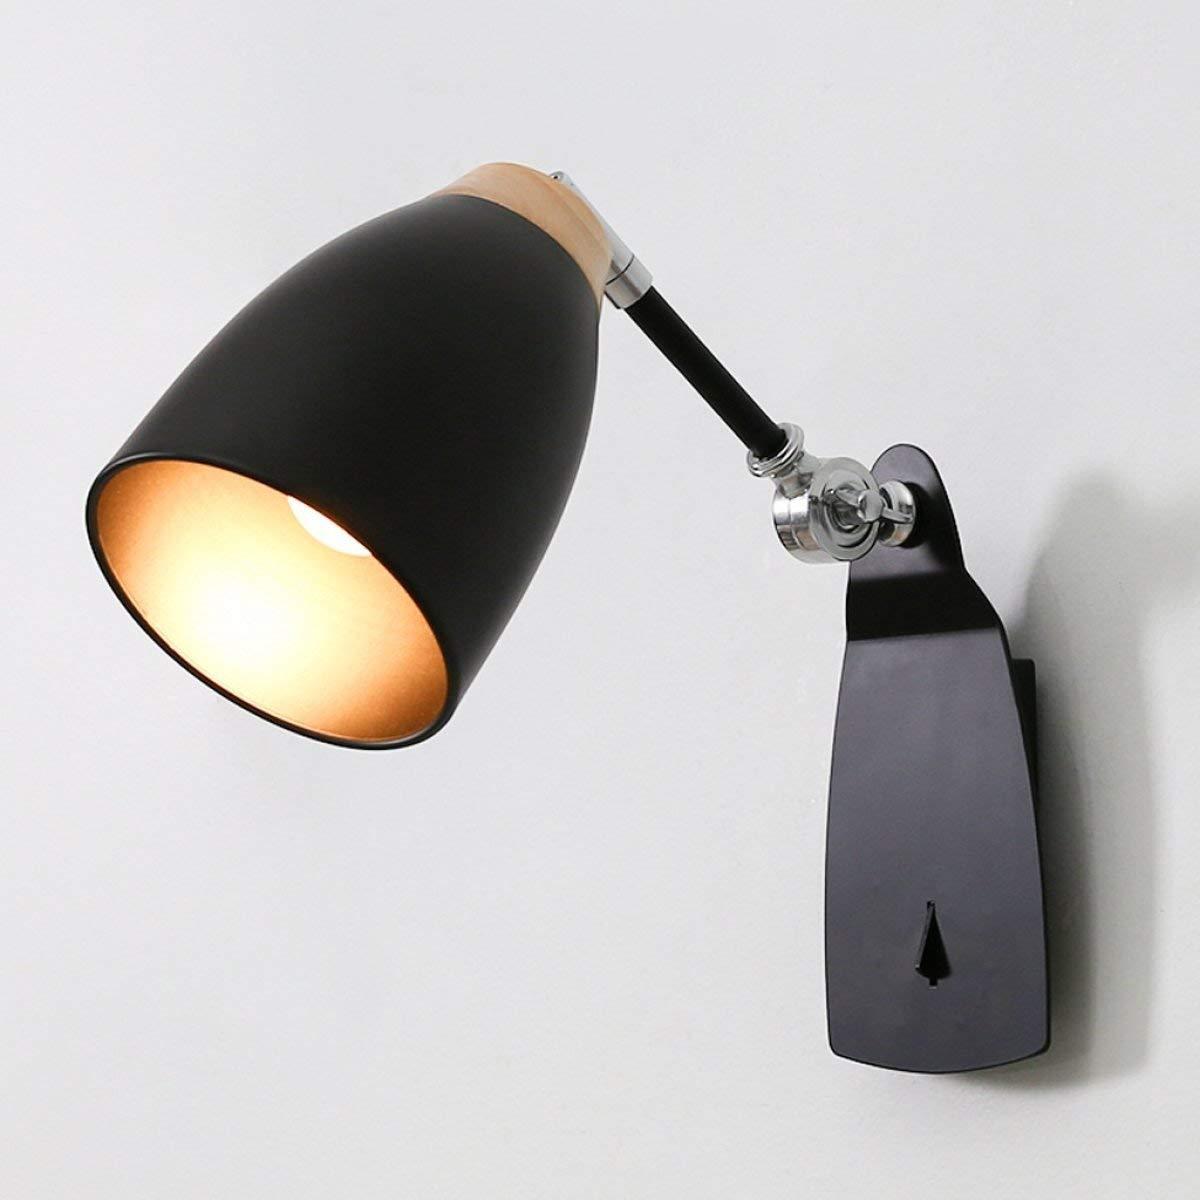 BXJ 現代のシンプルなクリエイティブウォールランプ読書ウォールランププッシュボタンスイッチE27光源 (Color : B) B07R6CX4RD B